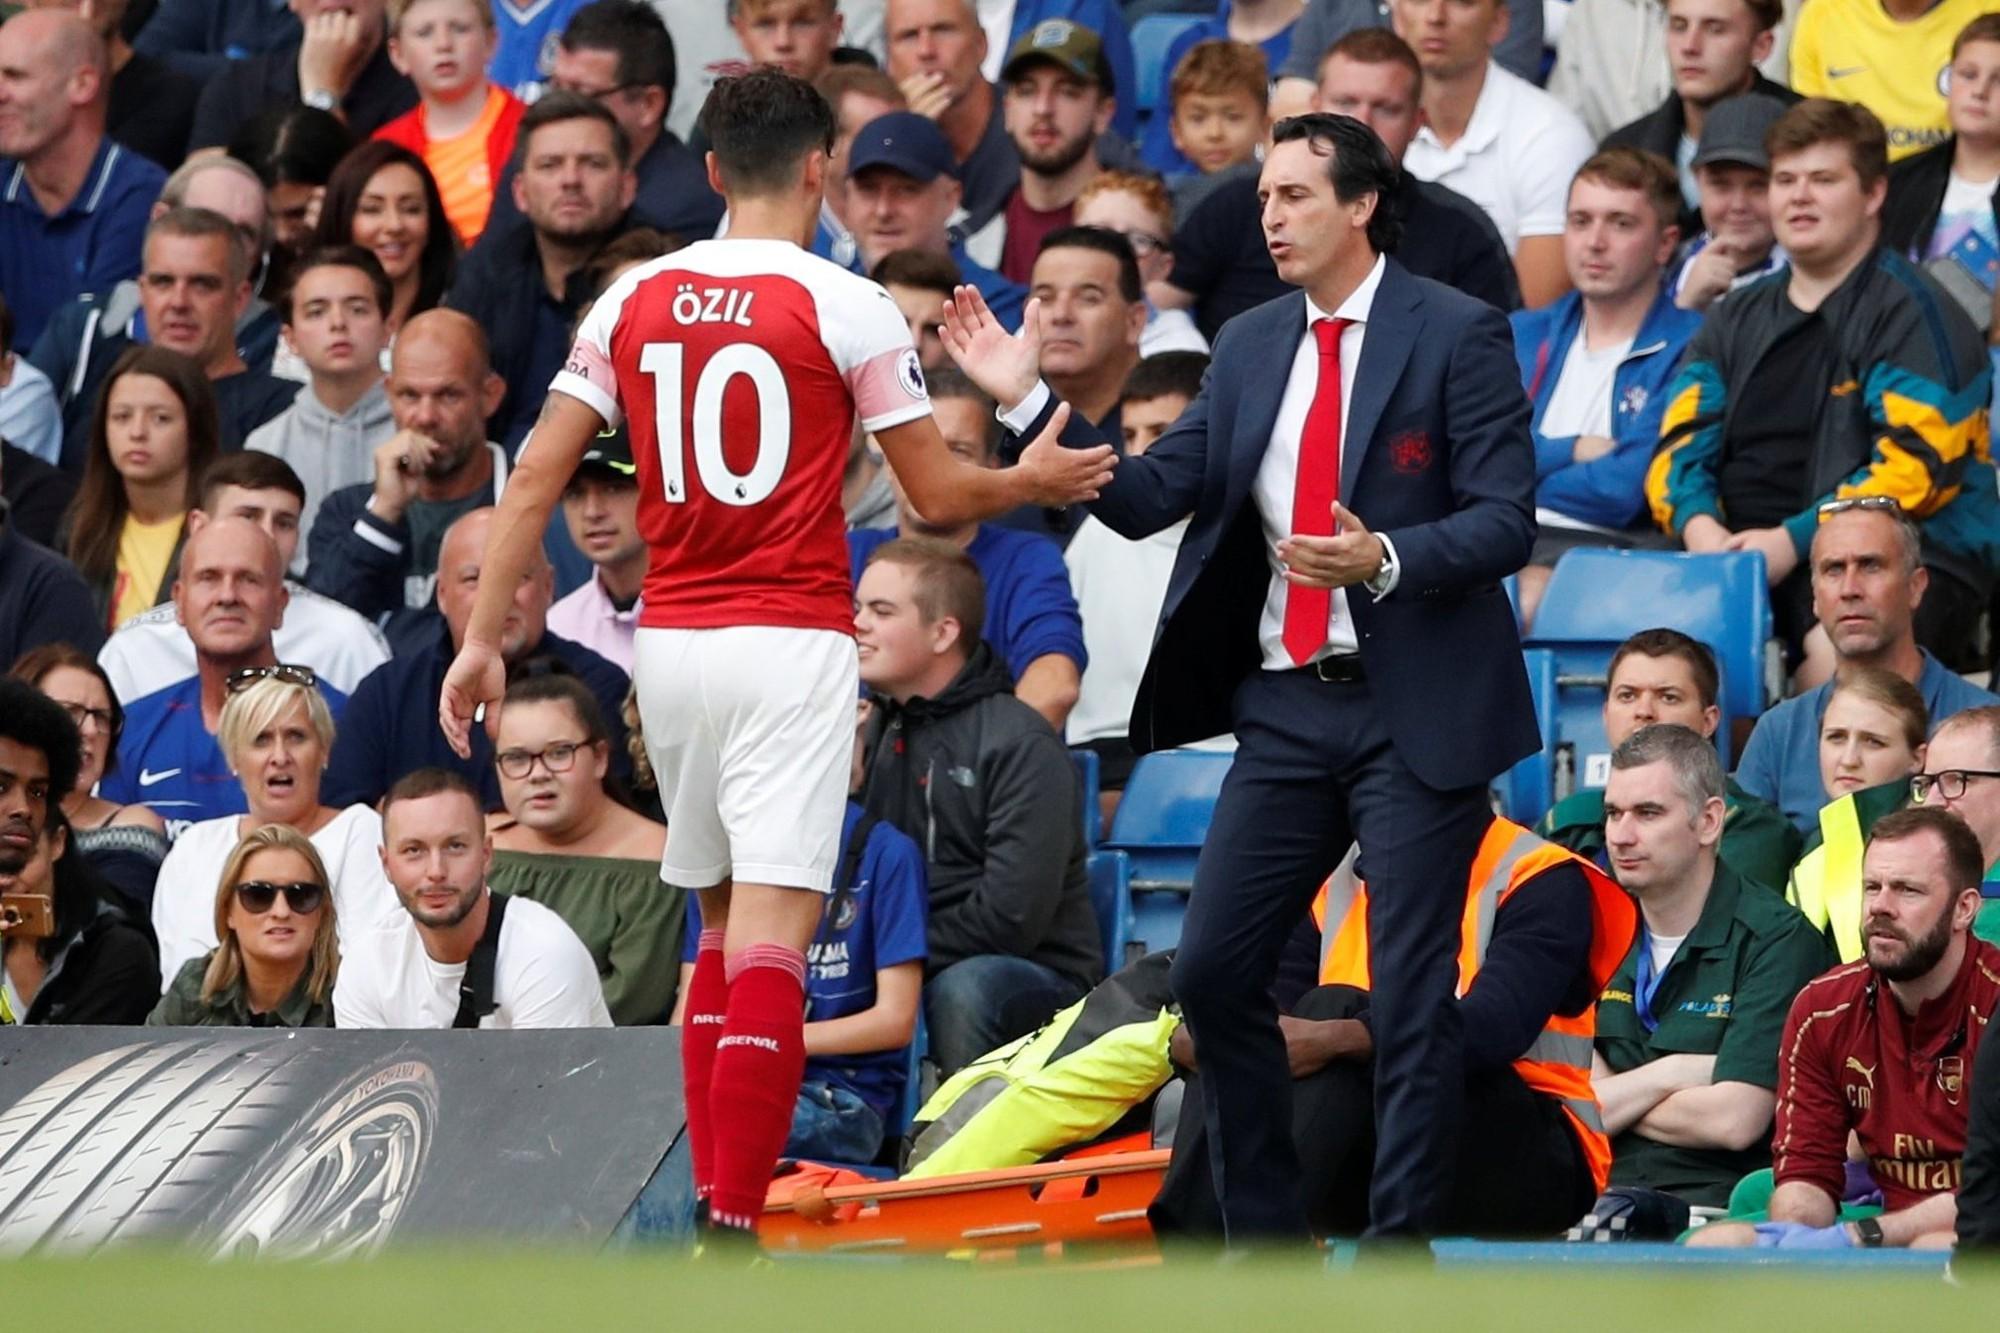 HLV Emery hô biến Arsenal trở thành CLB thay người hiệu quả nhất NHA như thế nào? - Ảnh 4.